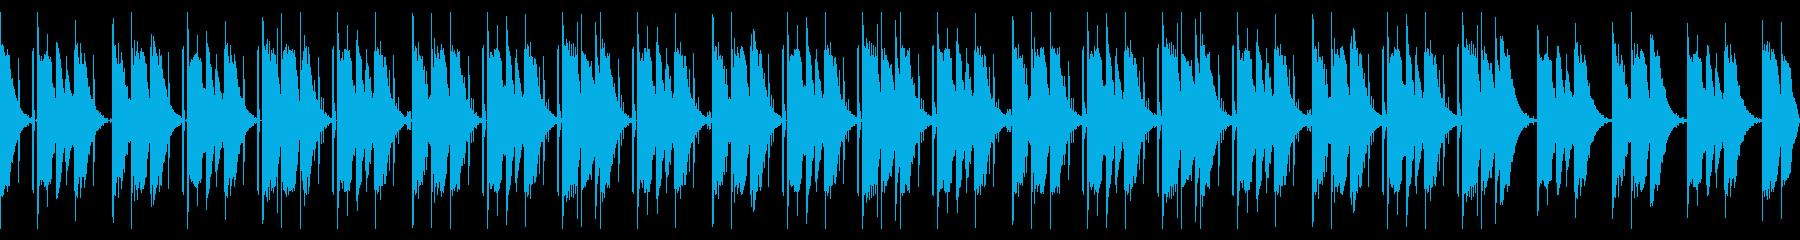 ちょっとダークなLofi BGMの再生済みの波形